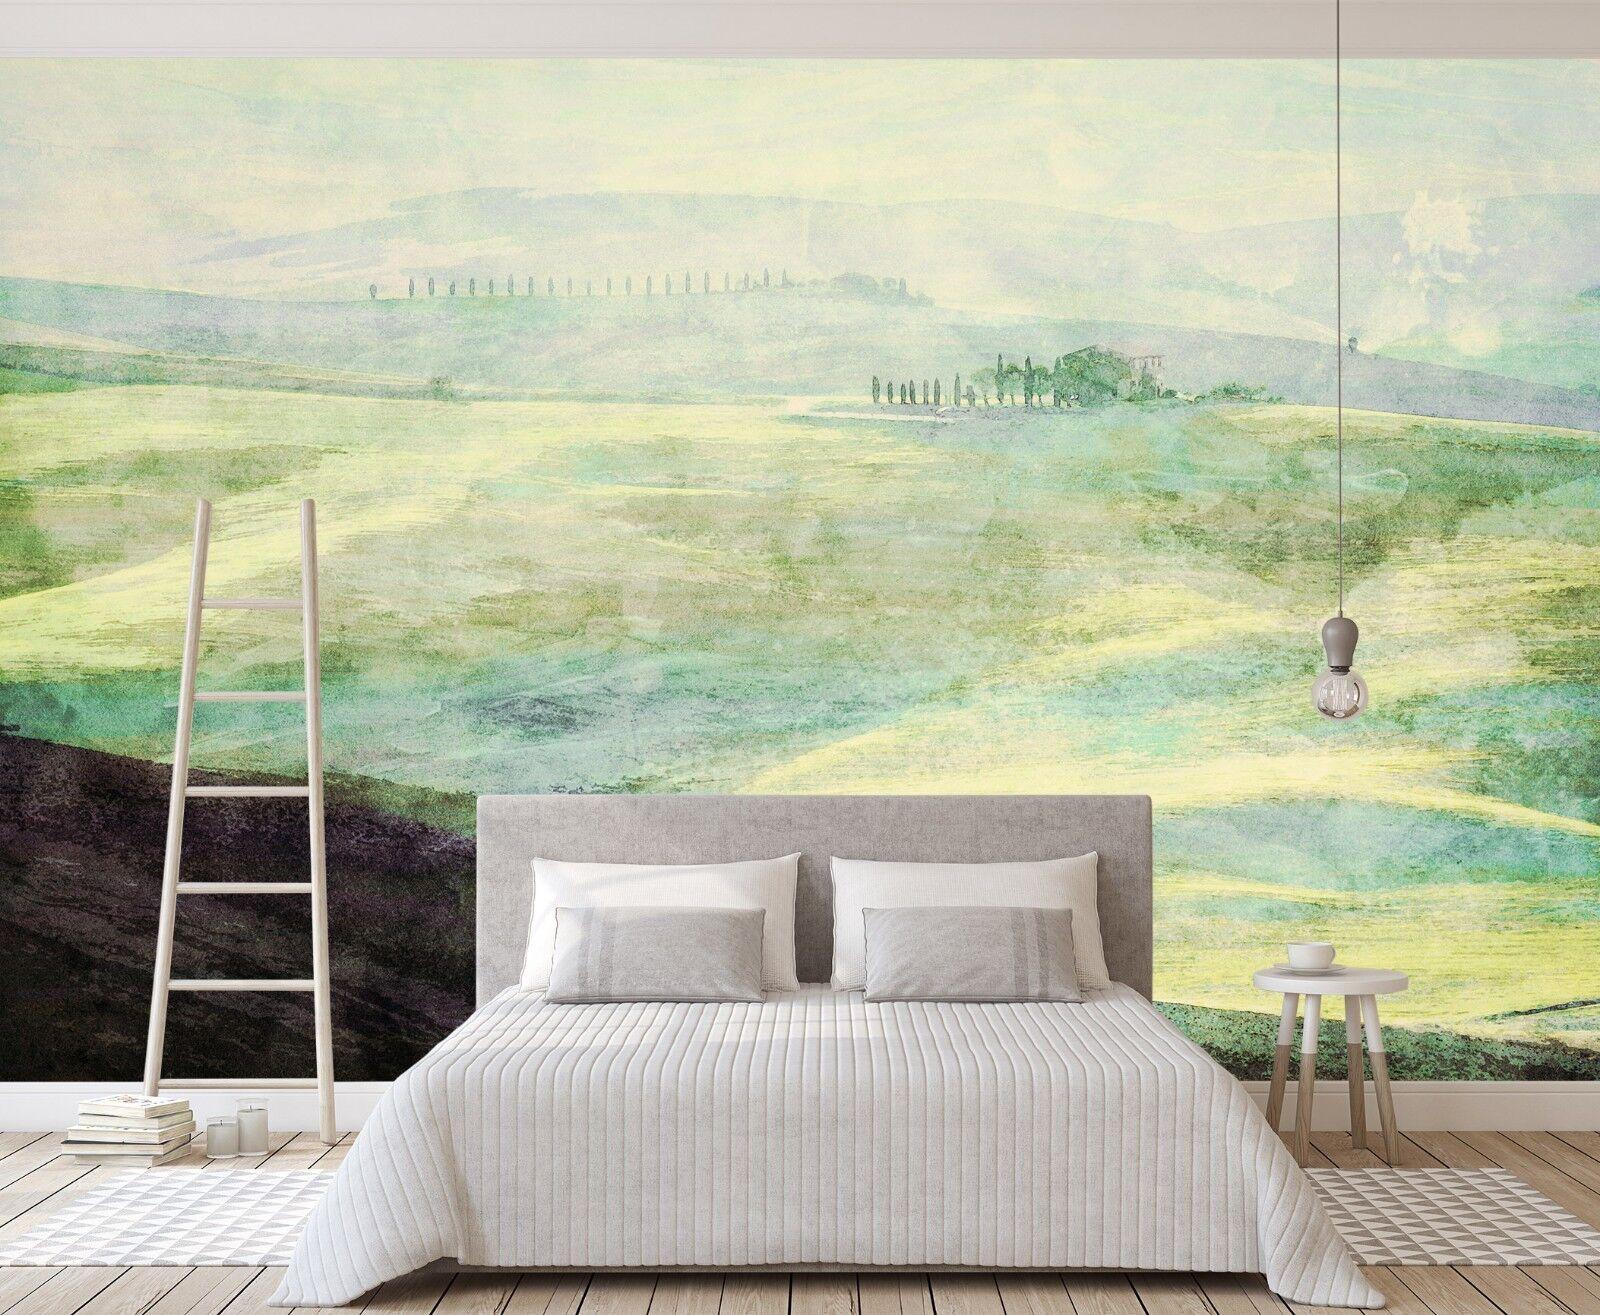 3D Grassland 837 Wall Paper Murals Wall Print Wall Wallpaper Mural AU Summer